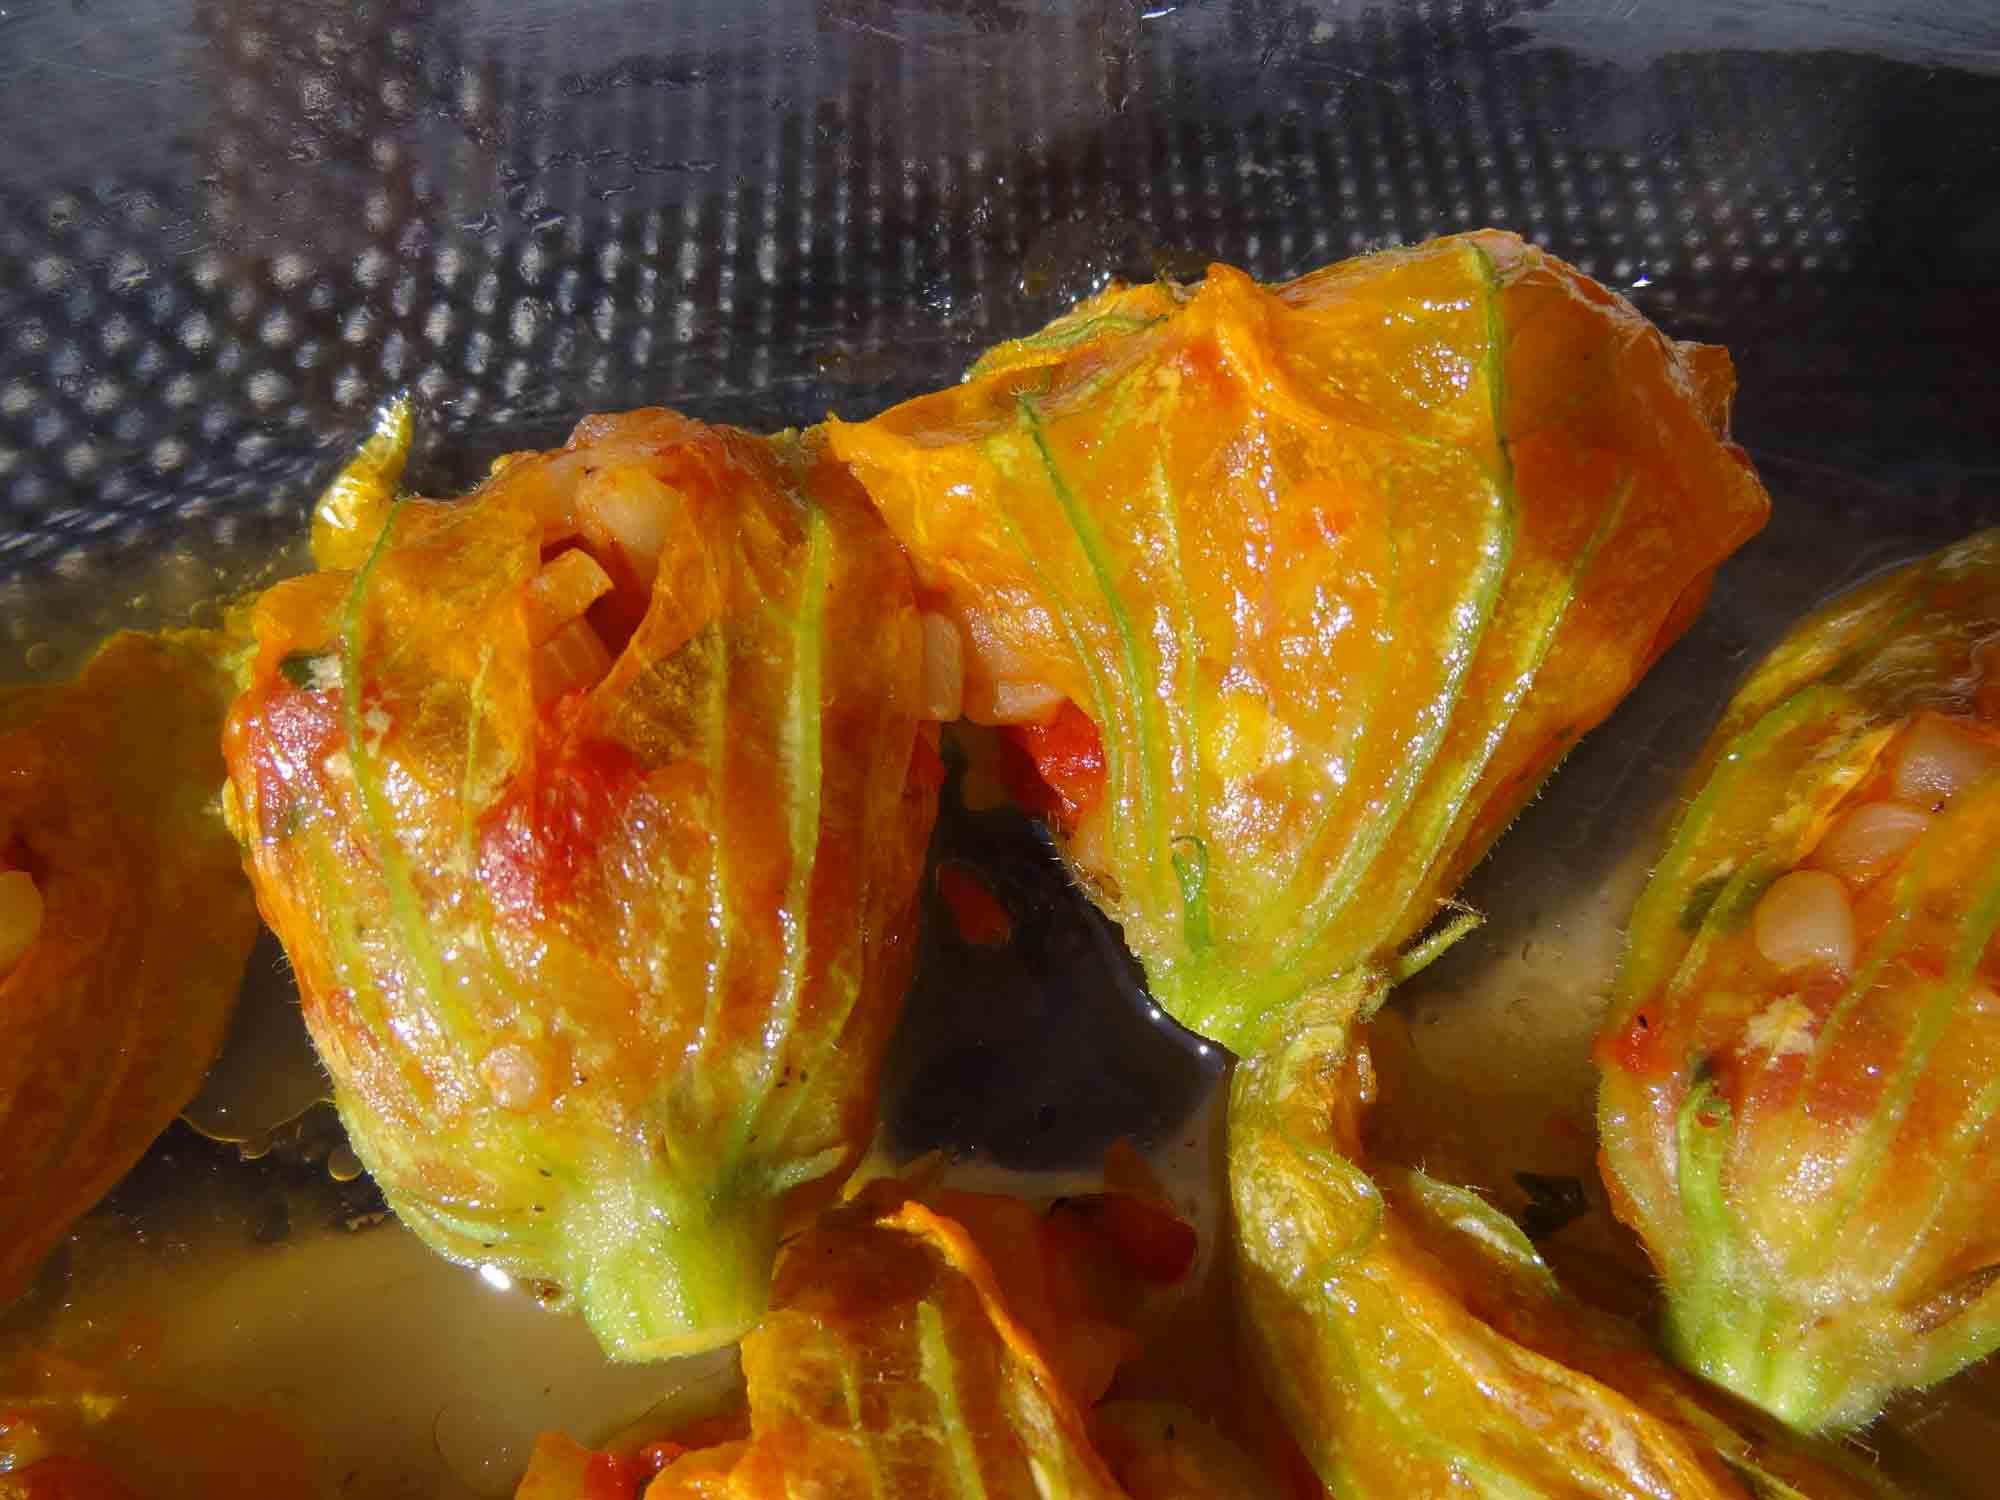 Fleurs de courgettes farcies les recettes de pierrette - Fleurs de courgettes farcies ...